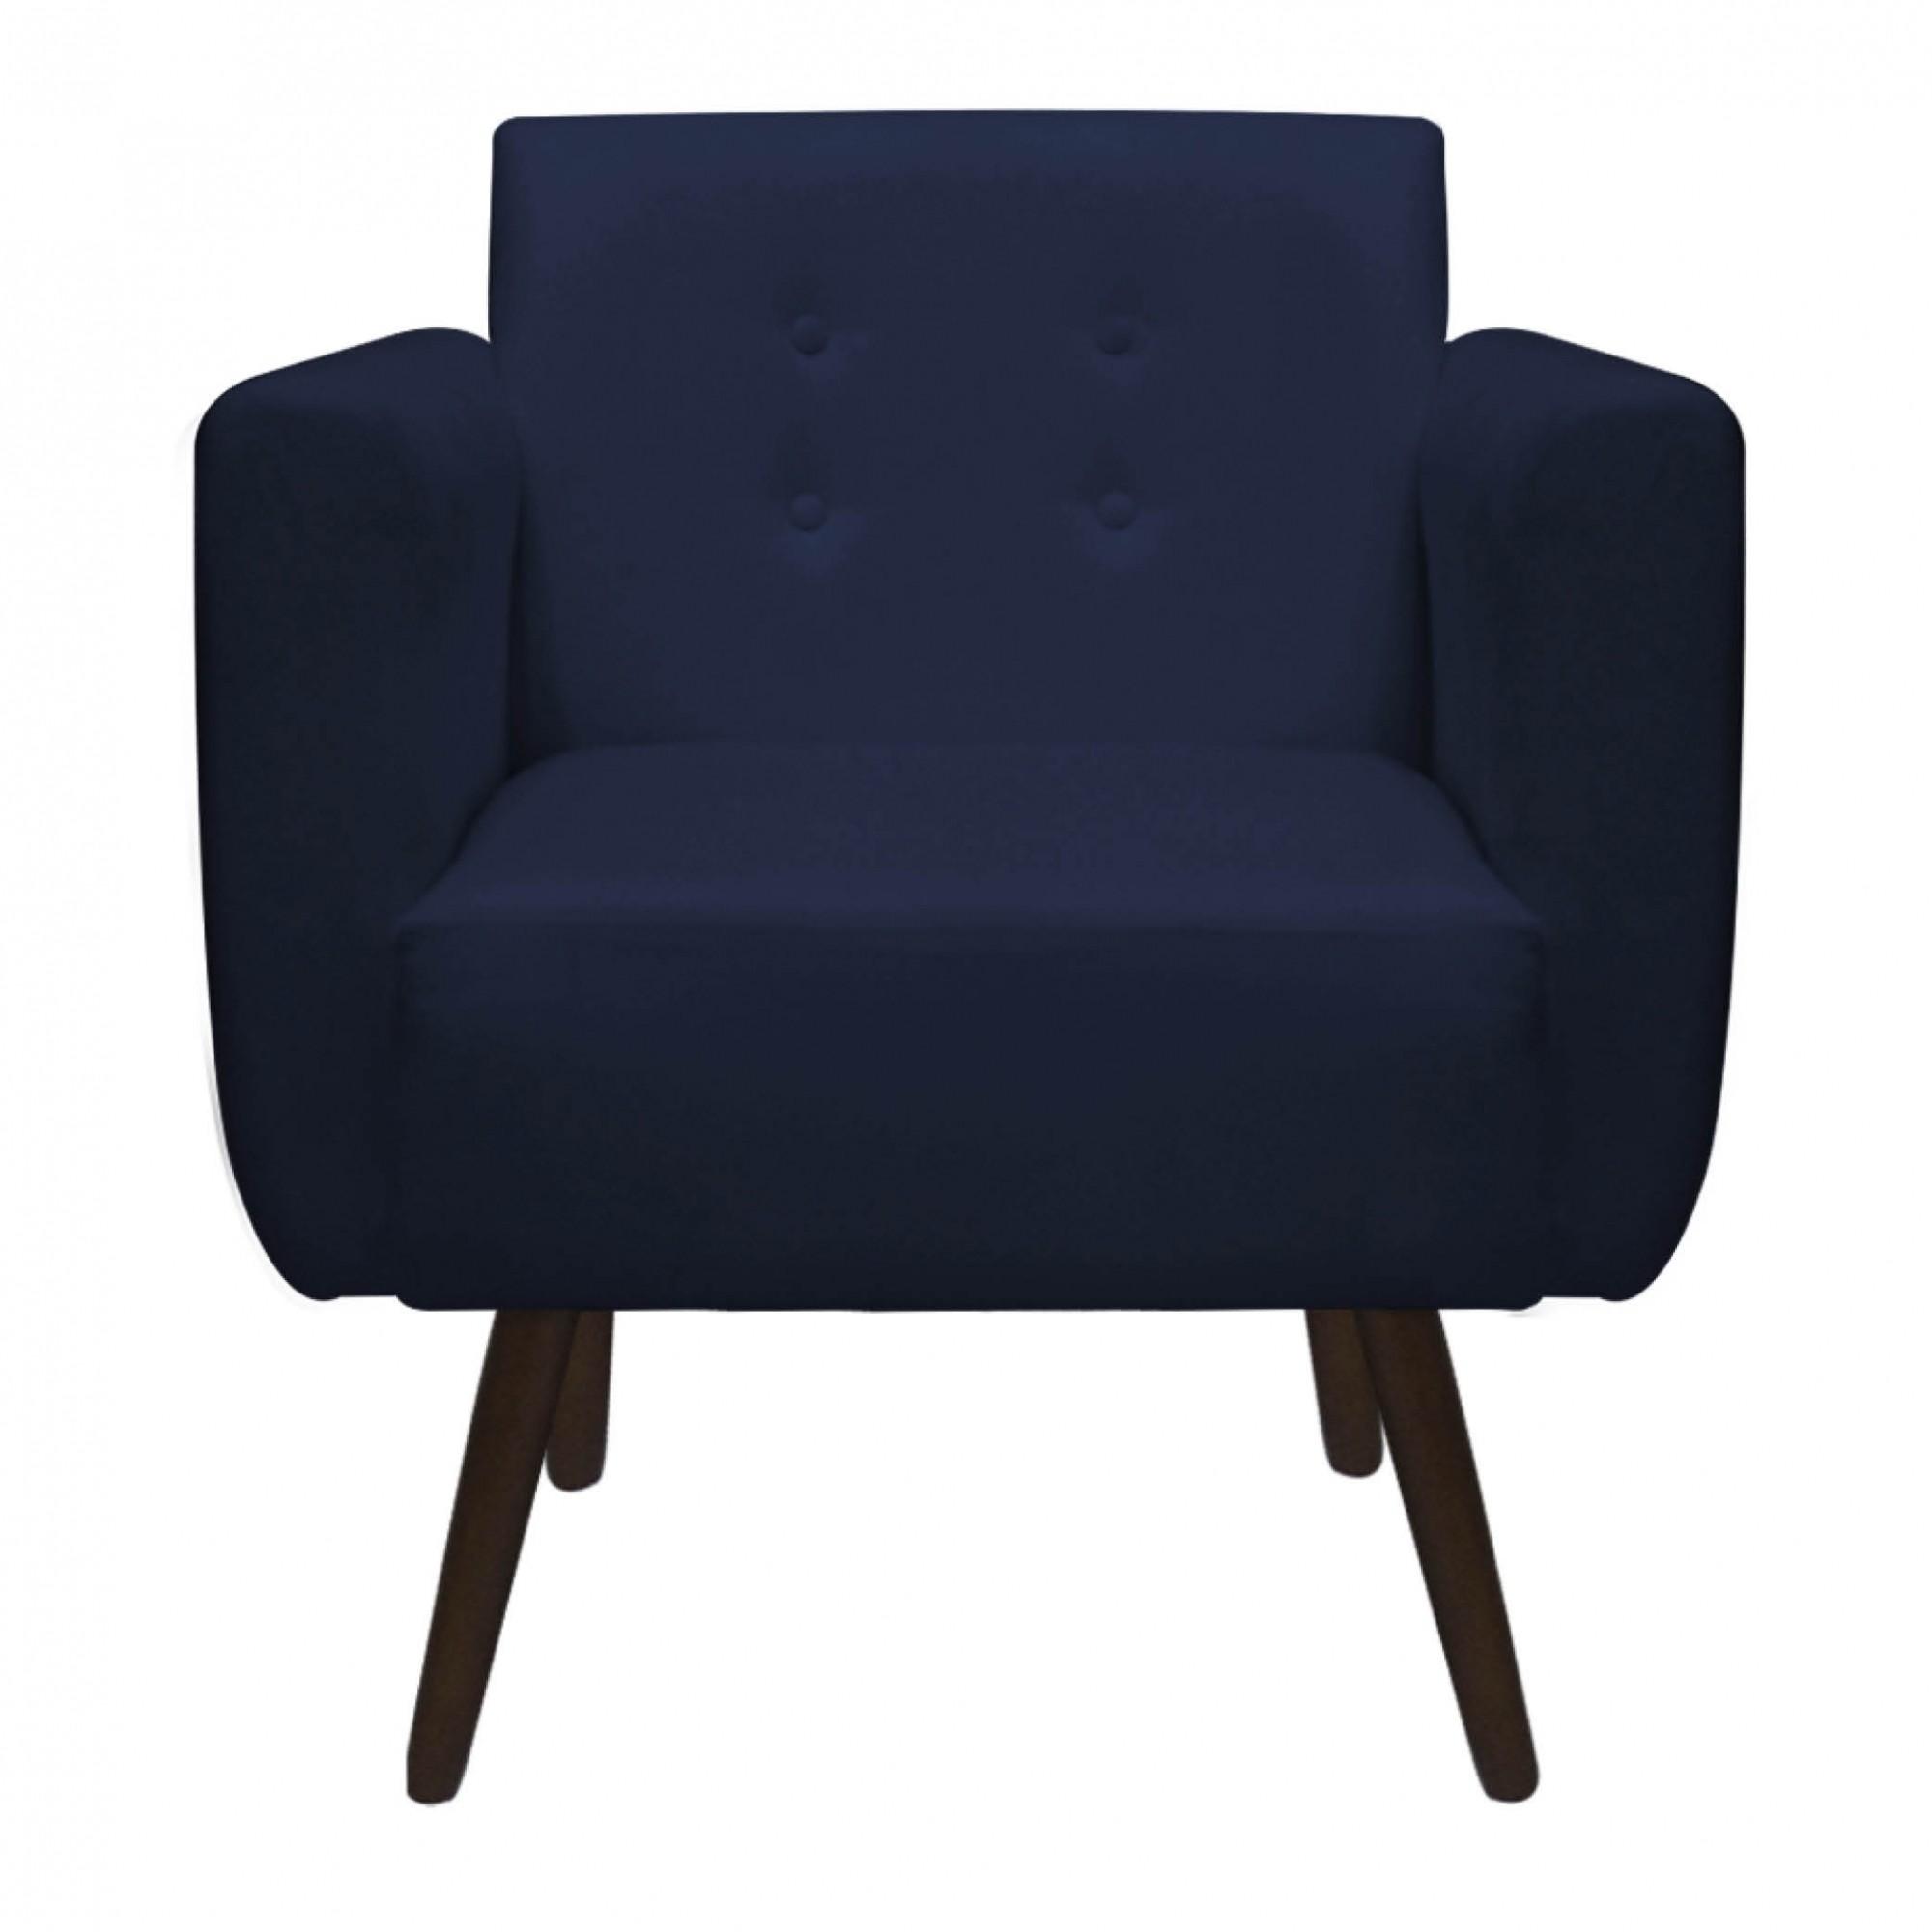 Kit Poltrona com Namoradeira Duda Decorativa Sala de Estar Pé Palito Suede Azul Marinho D02 - D´Classe Decor